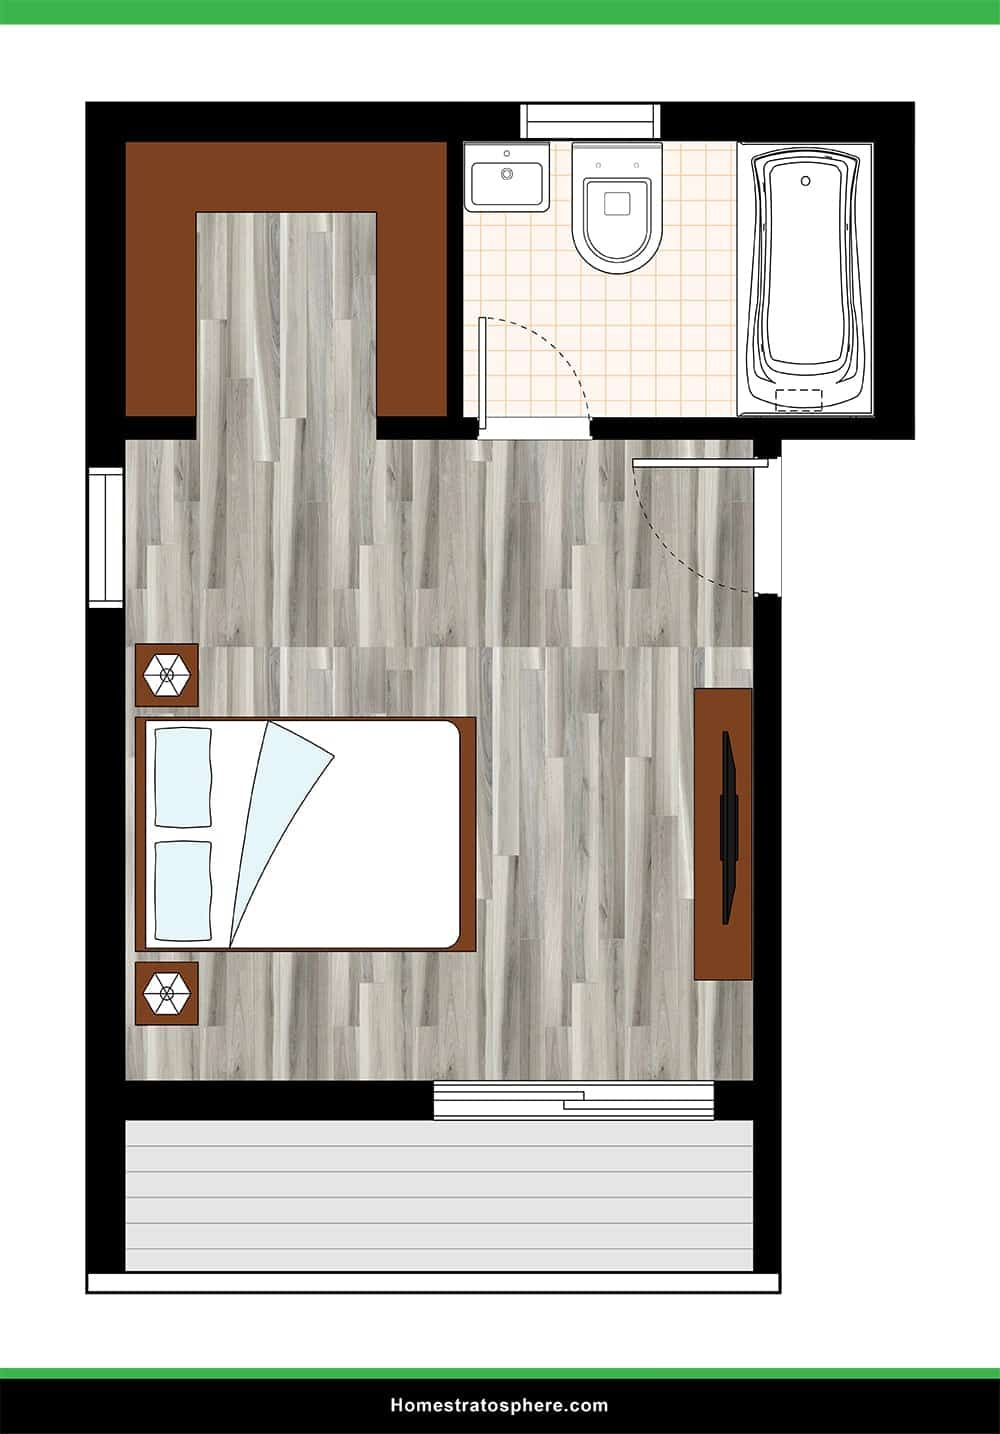 22 Primary Bedroom Layouts Floor Plans Master Bedroom Layout Bedroom Layouts Master Bedroom Plans